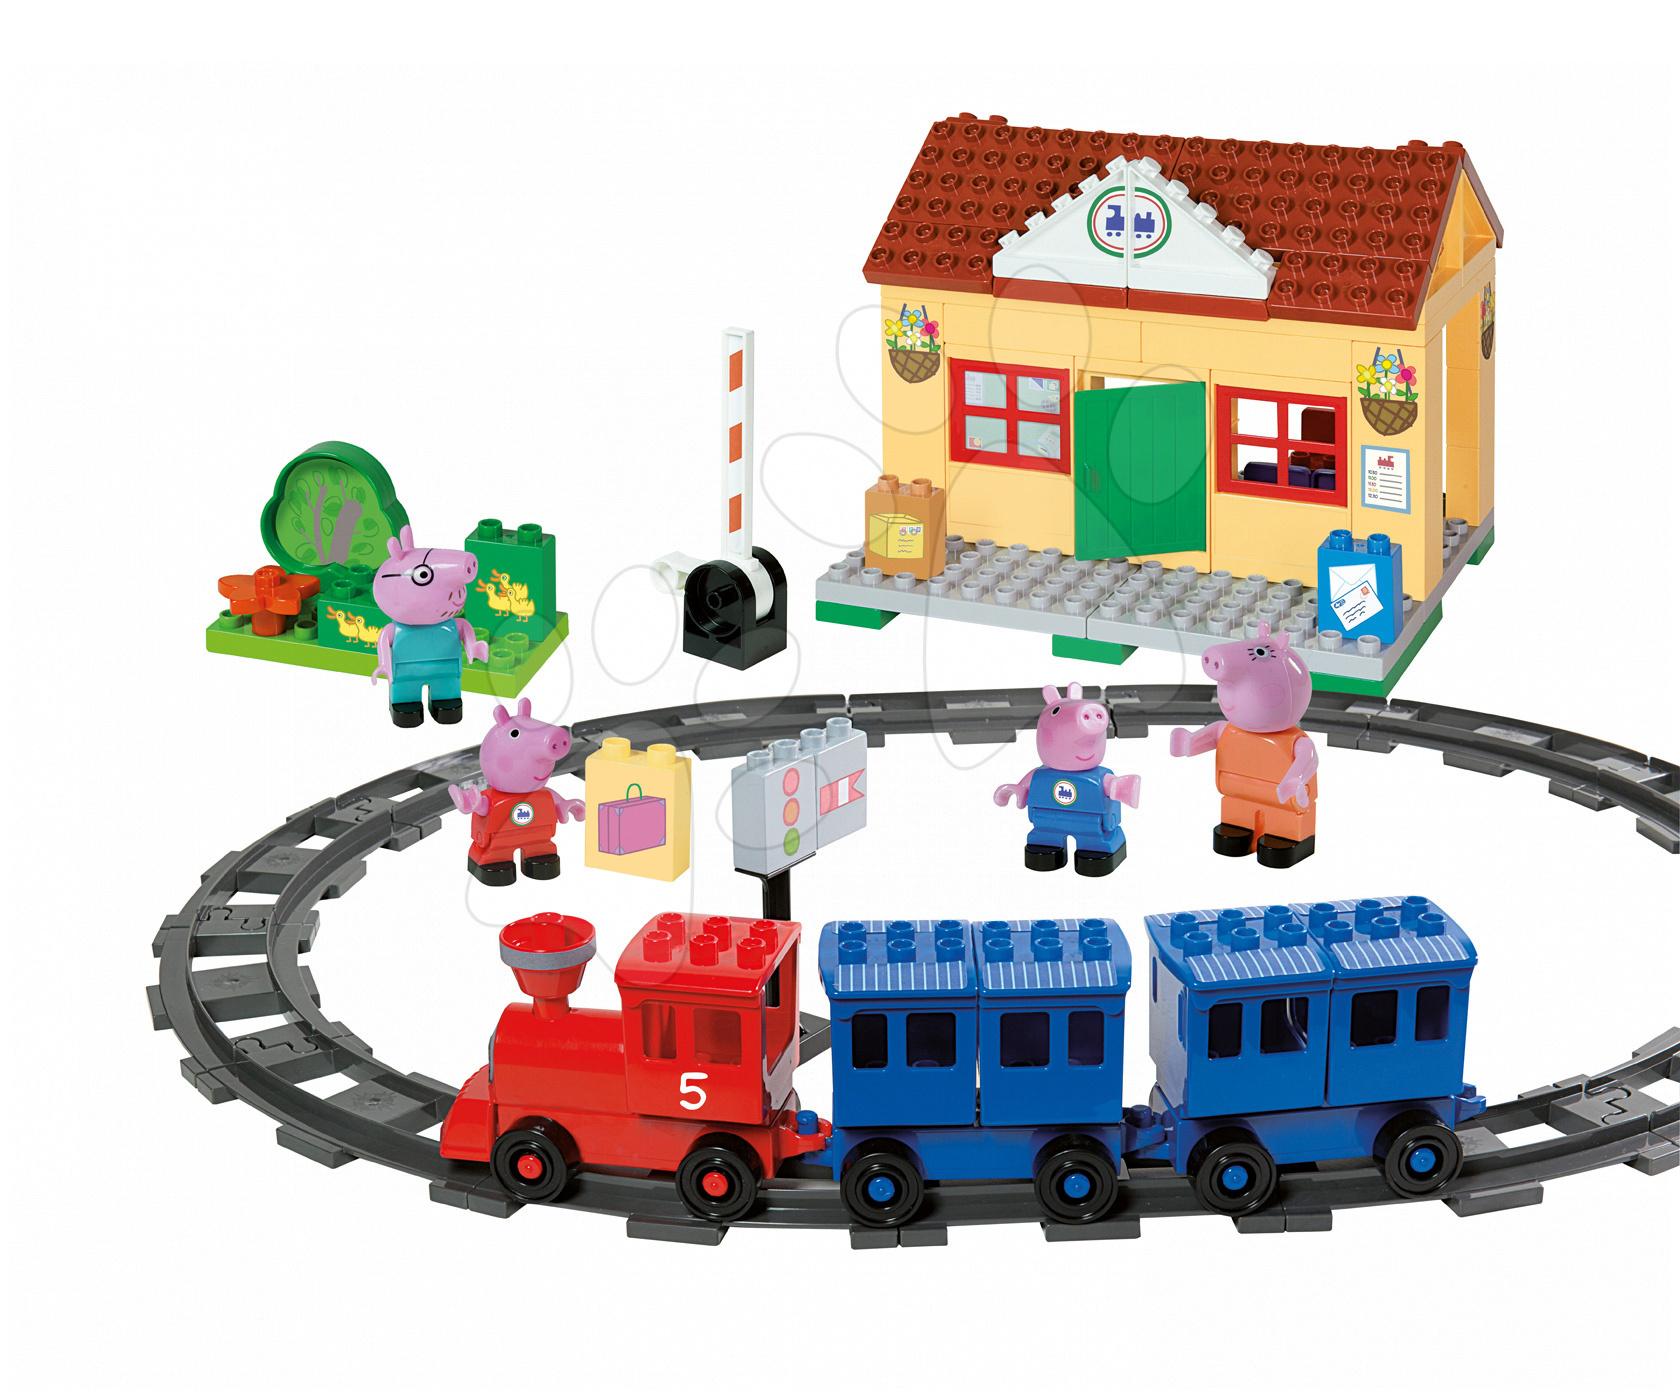 Stavebnice BIG-Bloxx ako lego - Stavebnica Peppa Pig na železničnej stanici PlayBIG Bloxx BIG so 4 figúrkami 95 dielov od 1,5-5 rokov